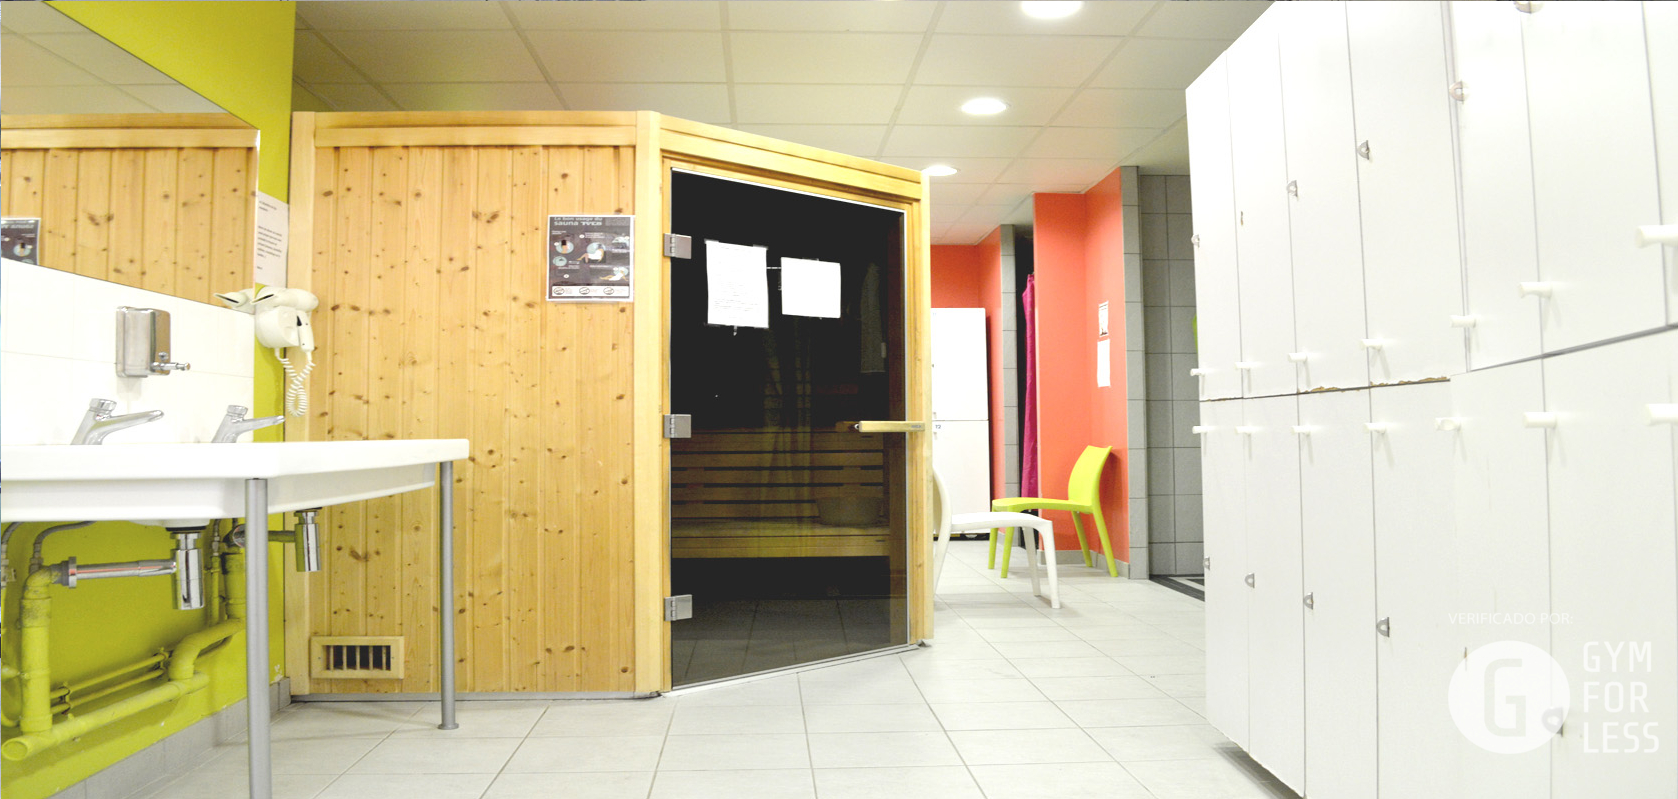 les meilleurs tarifs et activit s pour le centre club m paris 20 paris. Black Bedroom Furniture Sets. Home Design Ideas